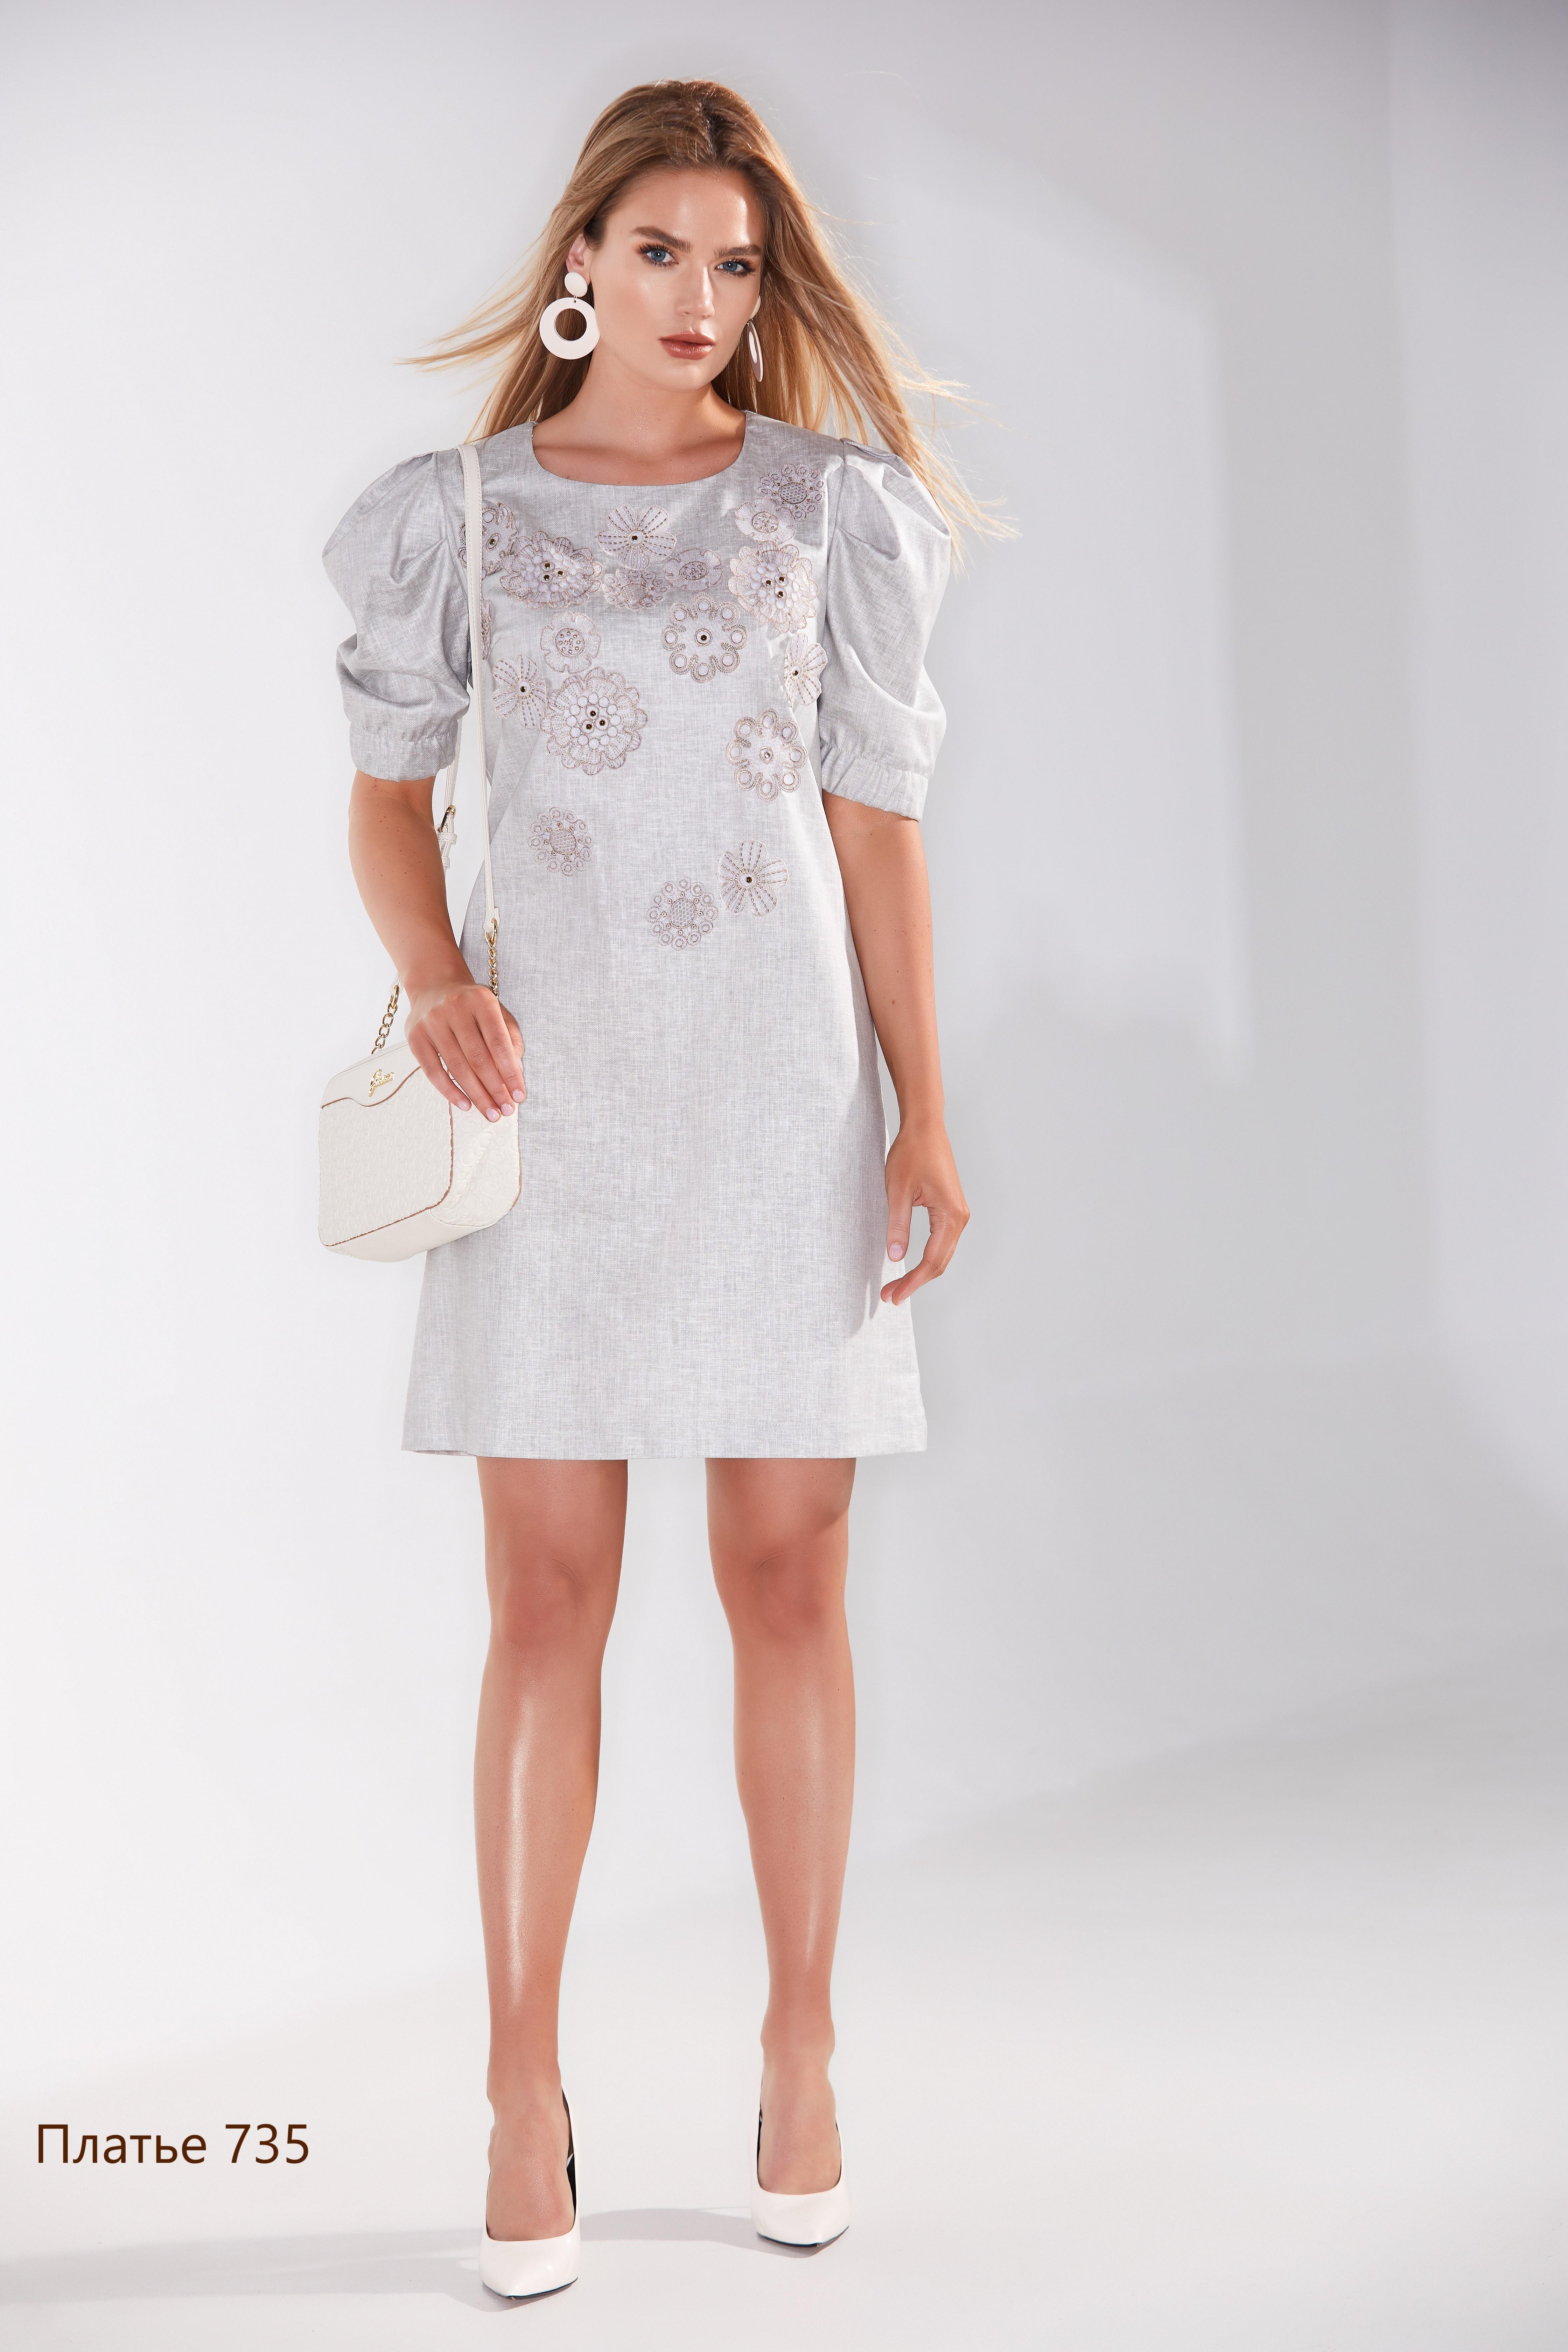 Платье 735 (2)